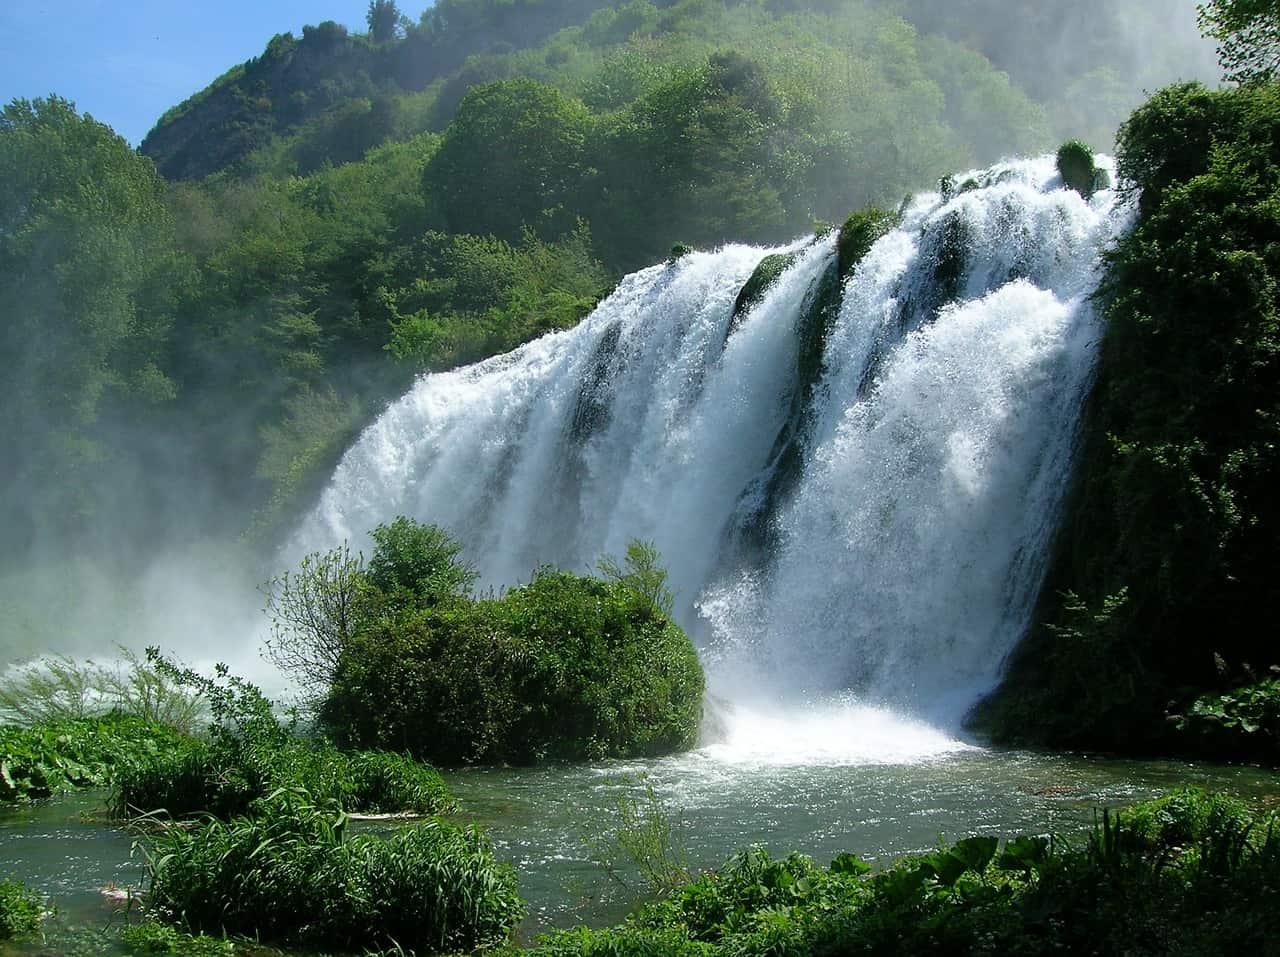 Cascata Varone der berühmte Wasserfall einer der beliebtesten Orte